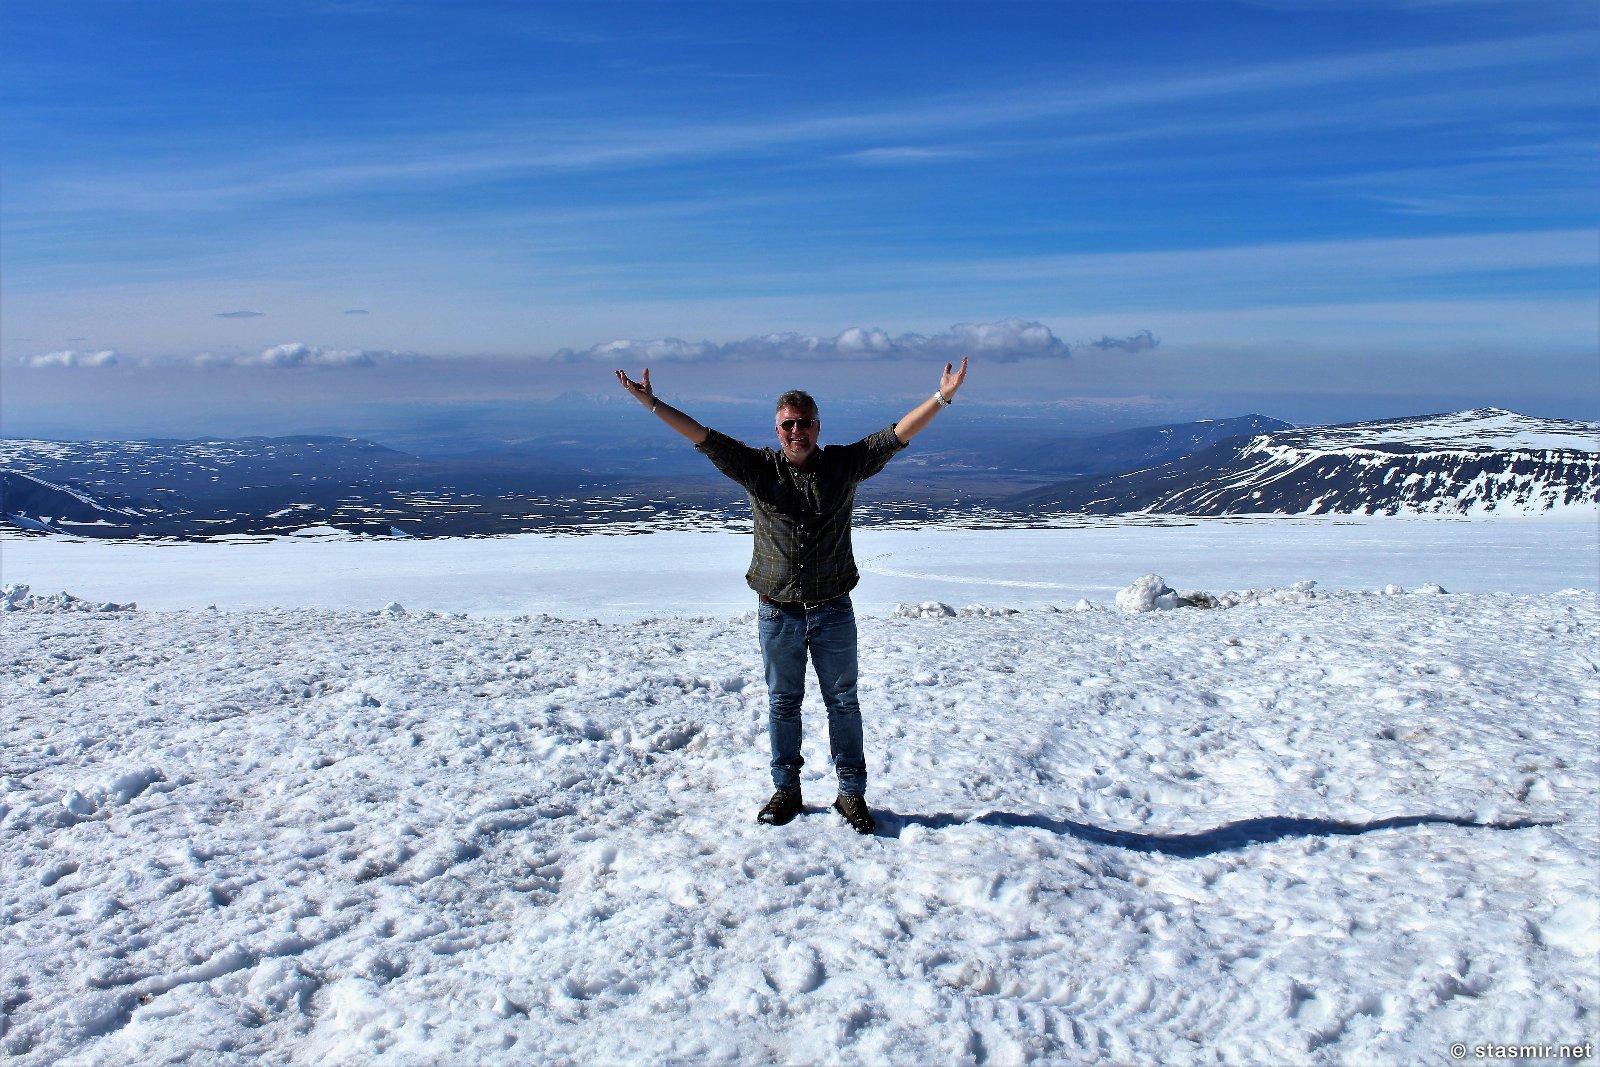 Сасмир на леднике Лаунгйёкудль, фото Стасмир, Photo Stasmir